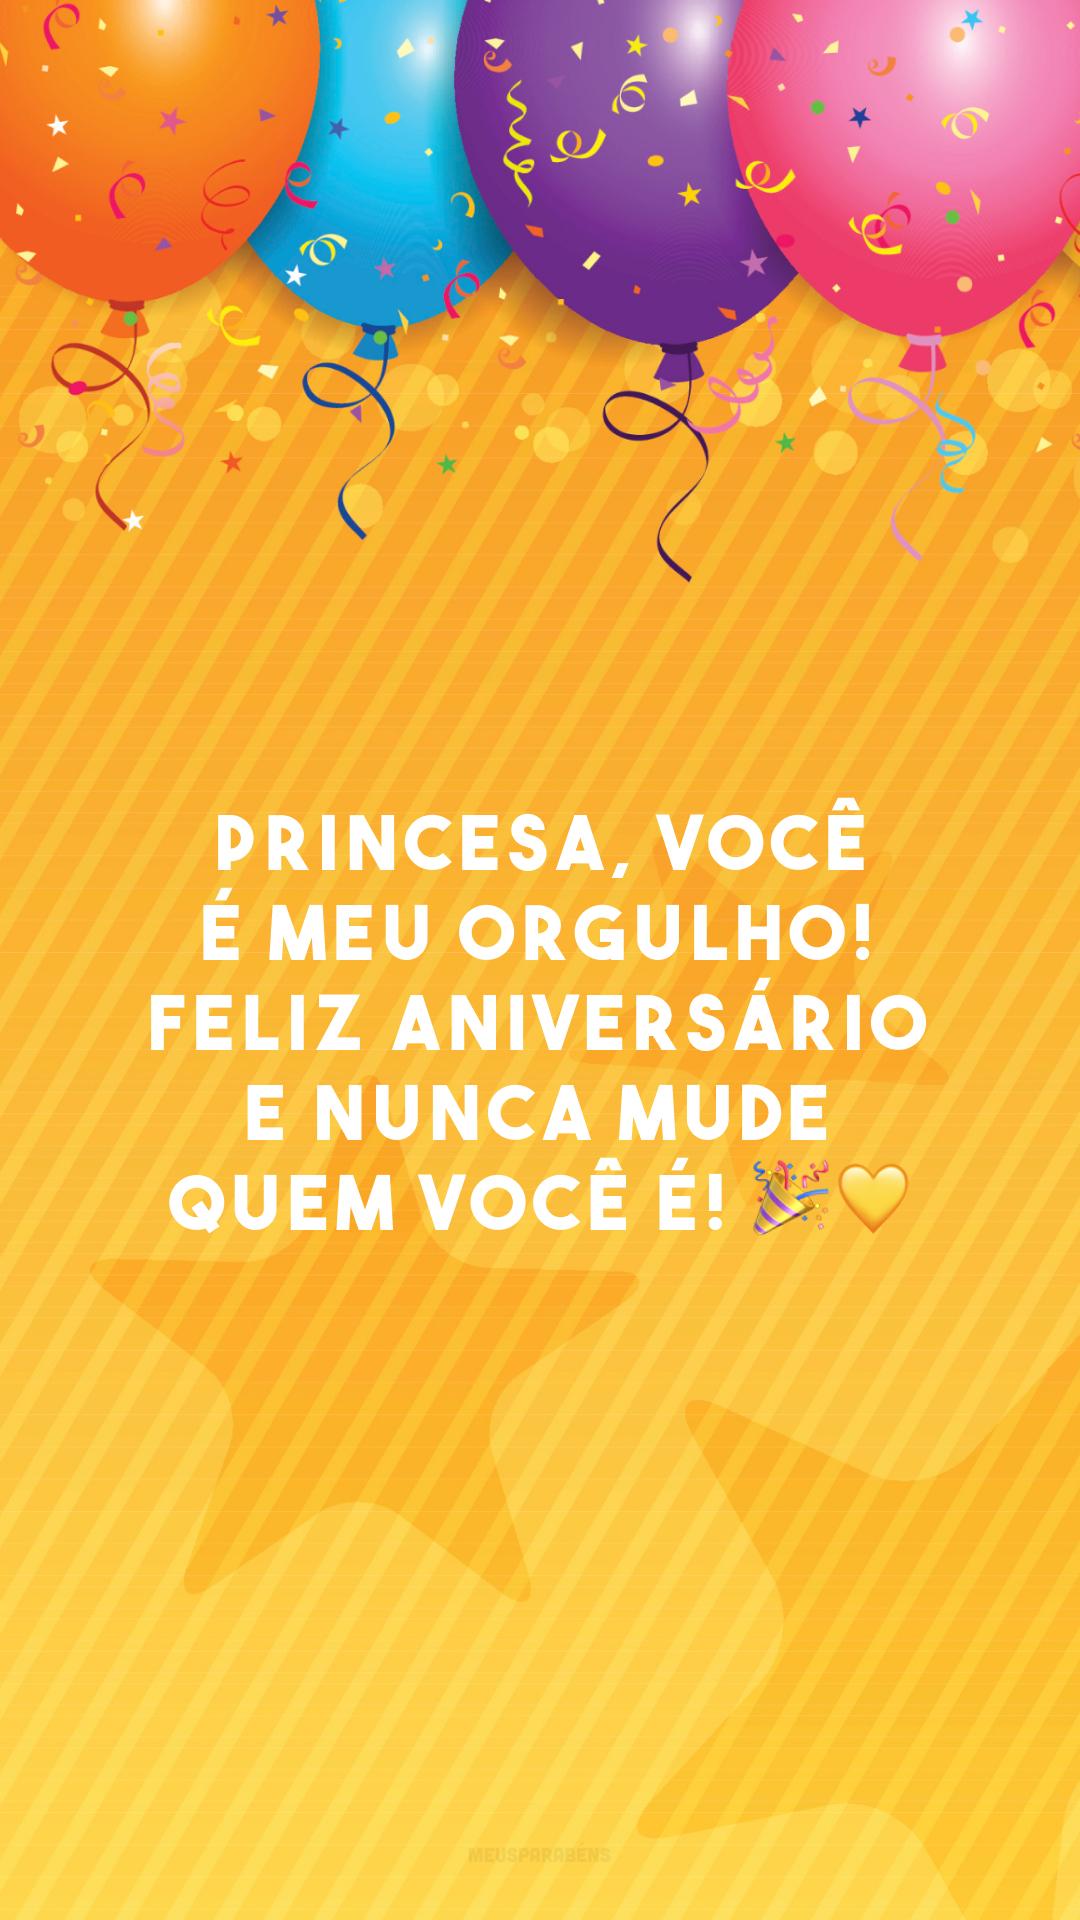 Princesa, você é meu orgulho! Feliz aniversário e nunca mude quem você é! 🎉💛